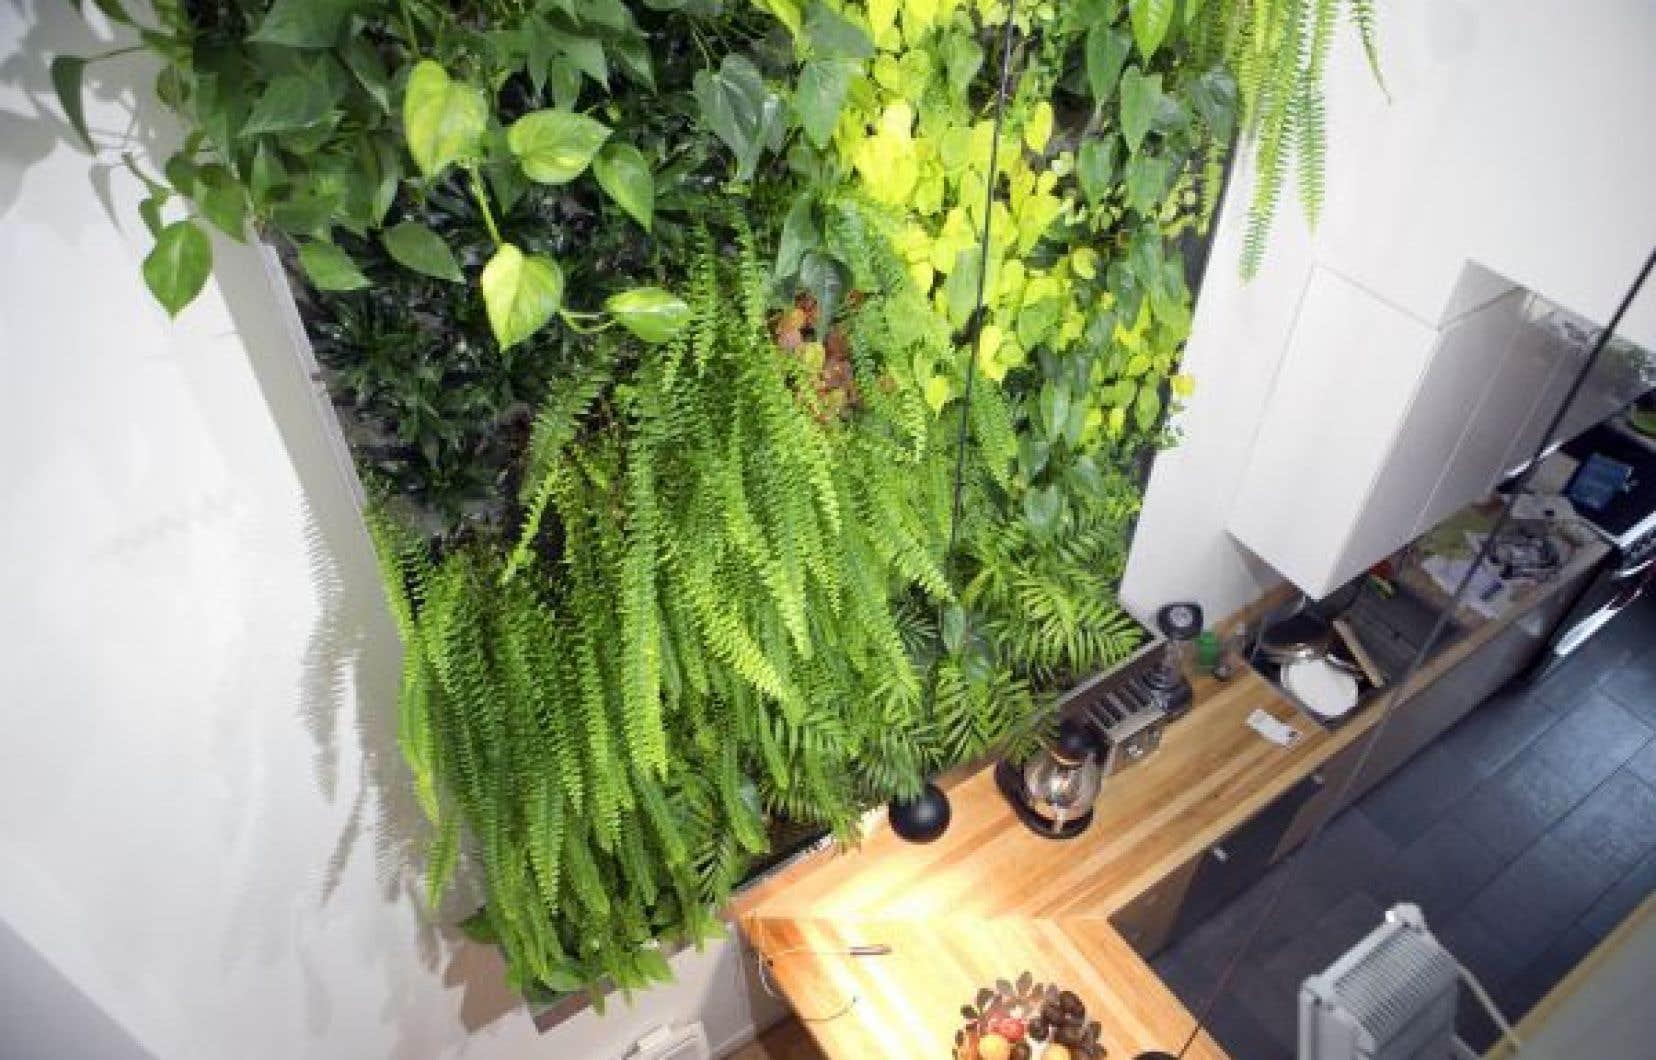 L'aspect esthétique et décoratif des murs végétalisés est indéniable. En plus, ils ont la capacité d'épurer l'air, d'augmenter le pourcentage d'humidité dans nos maisons particulièrement sèches en hiver, d'exploiter des espaces restreints et d'améliorer la qualité de vie et le bien-être des occupants.